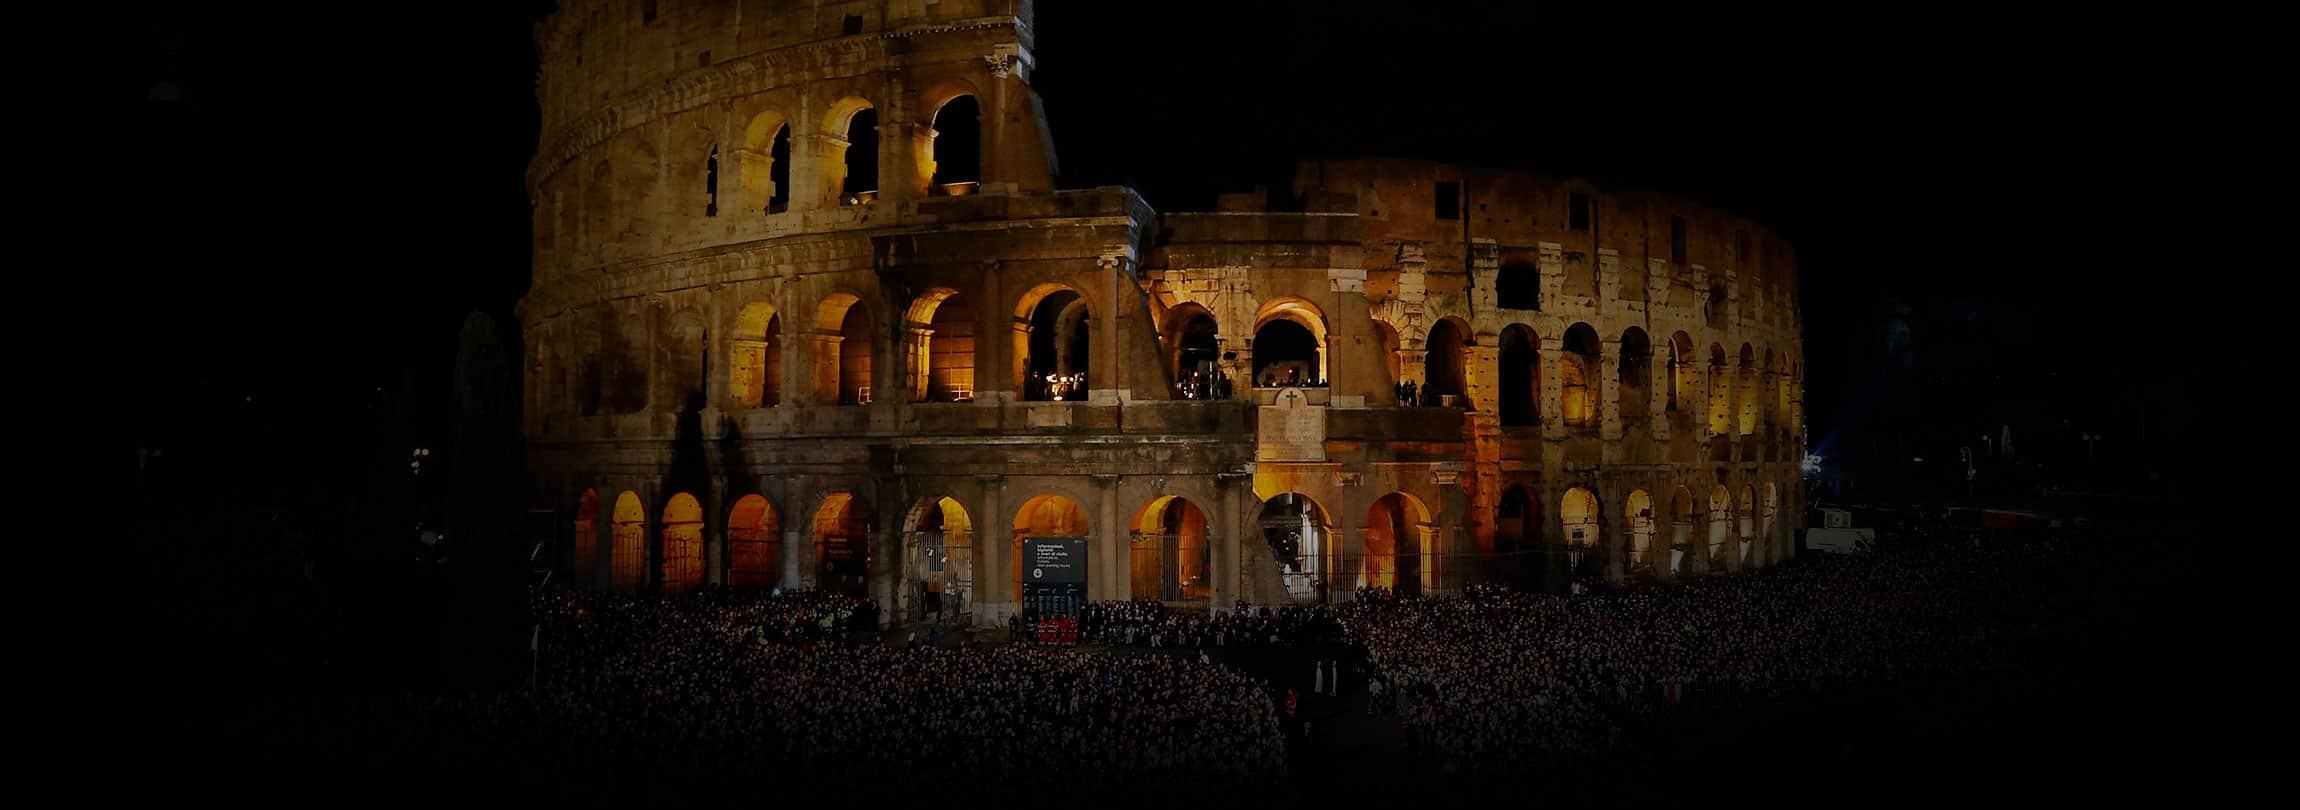 Aquela Via-Sacra no Coliseu